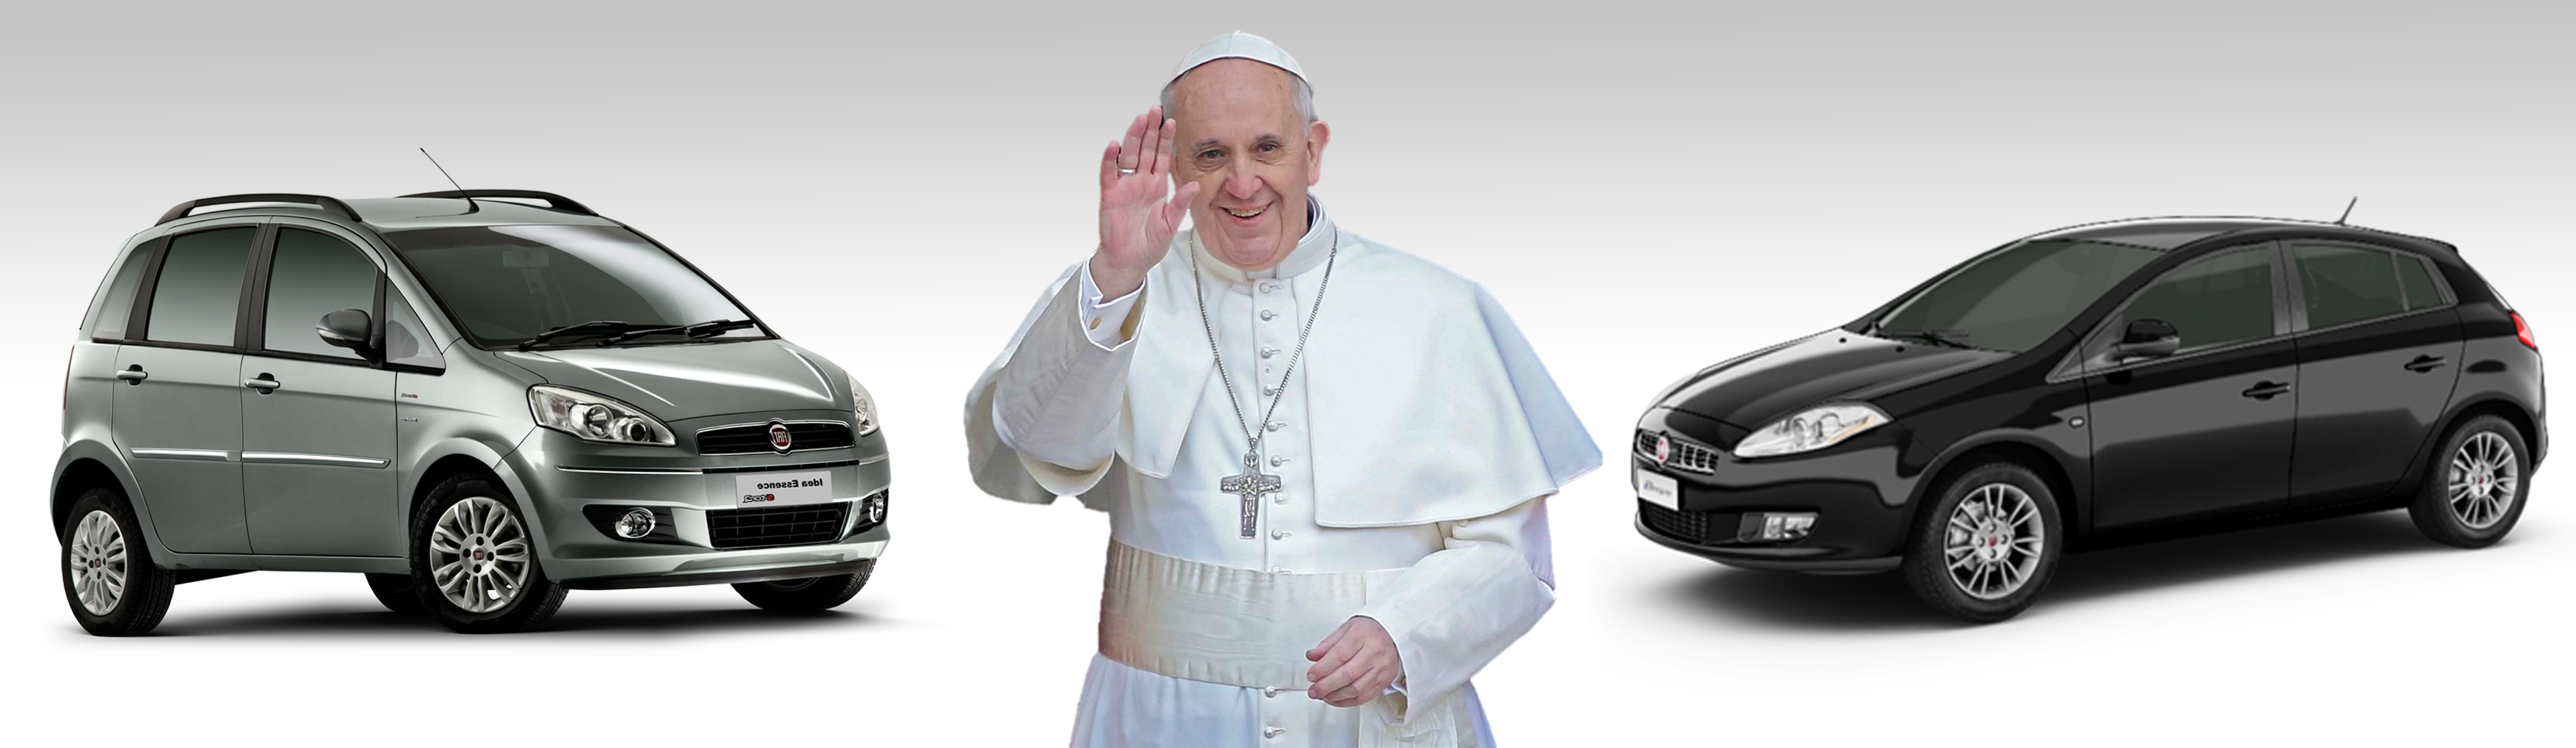 papa-francisco-fiat